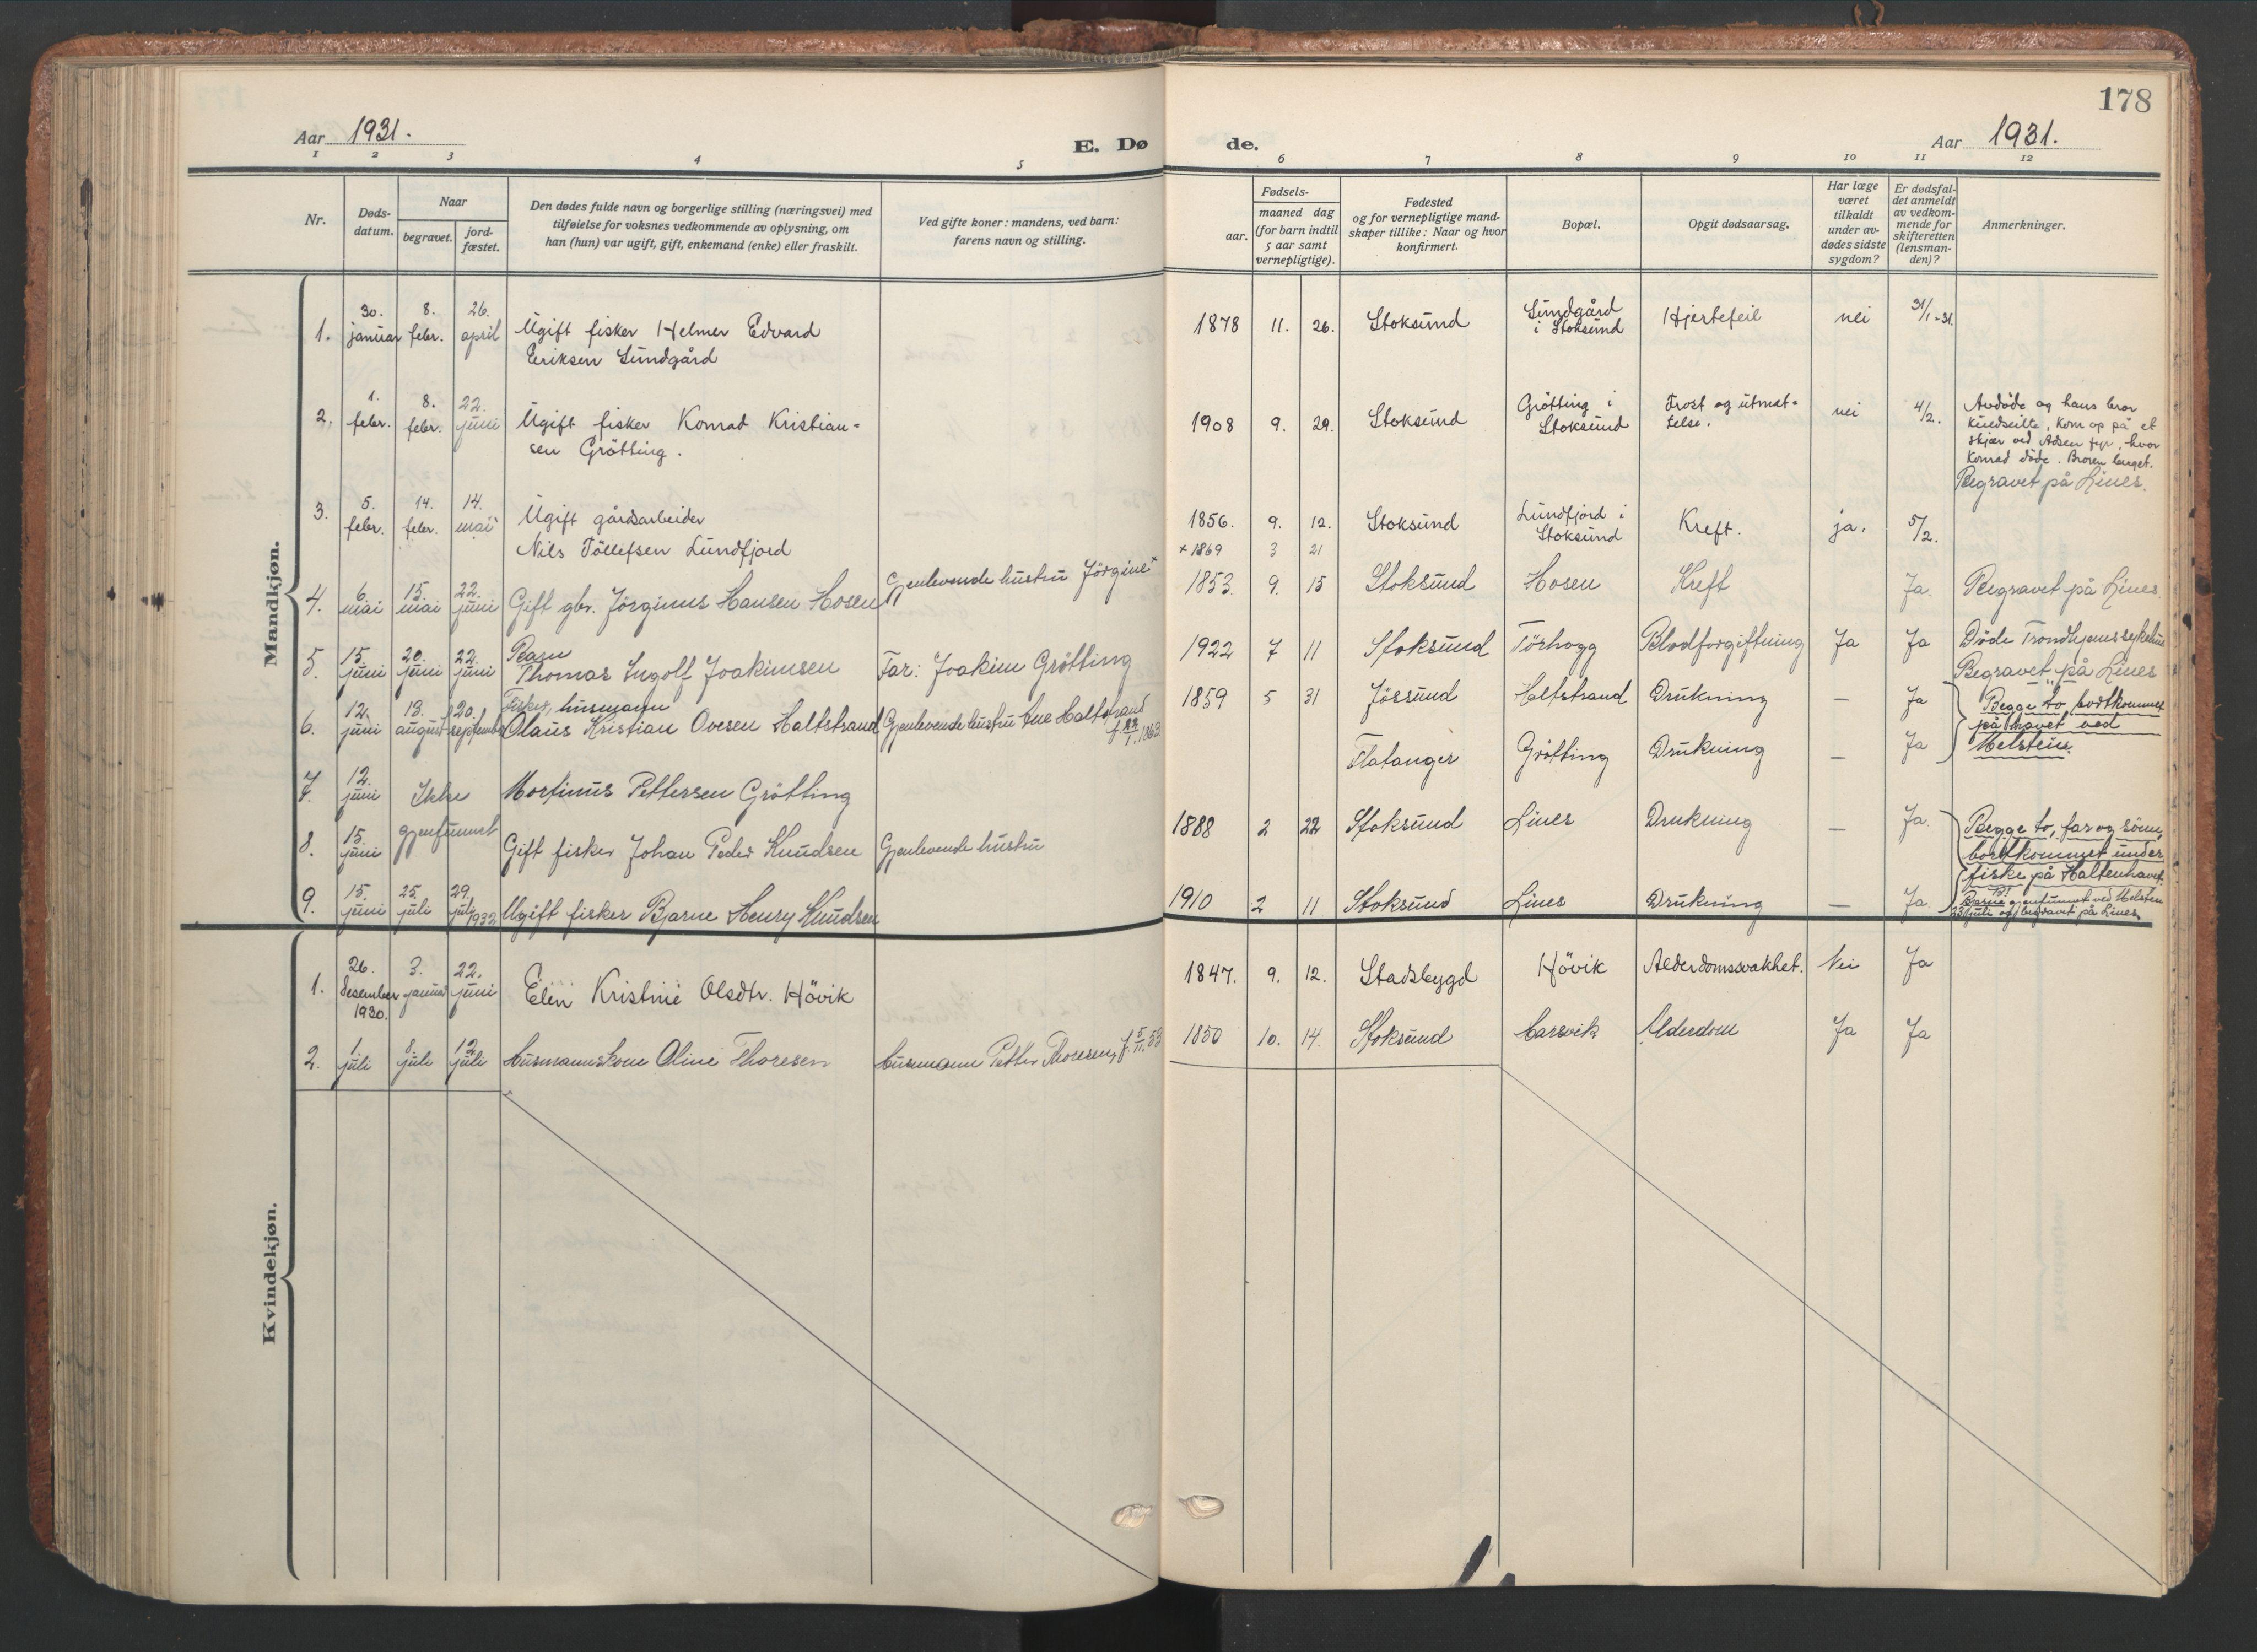 SAT, Ministerialprotokoller, klokkerbøker og fødselsregistre - Sør-Trøndelag, 656/L0694: Ministerialbok nr. 656A03, 1914-1931, s. 178